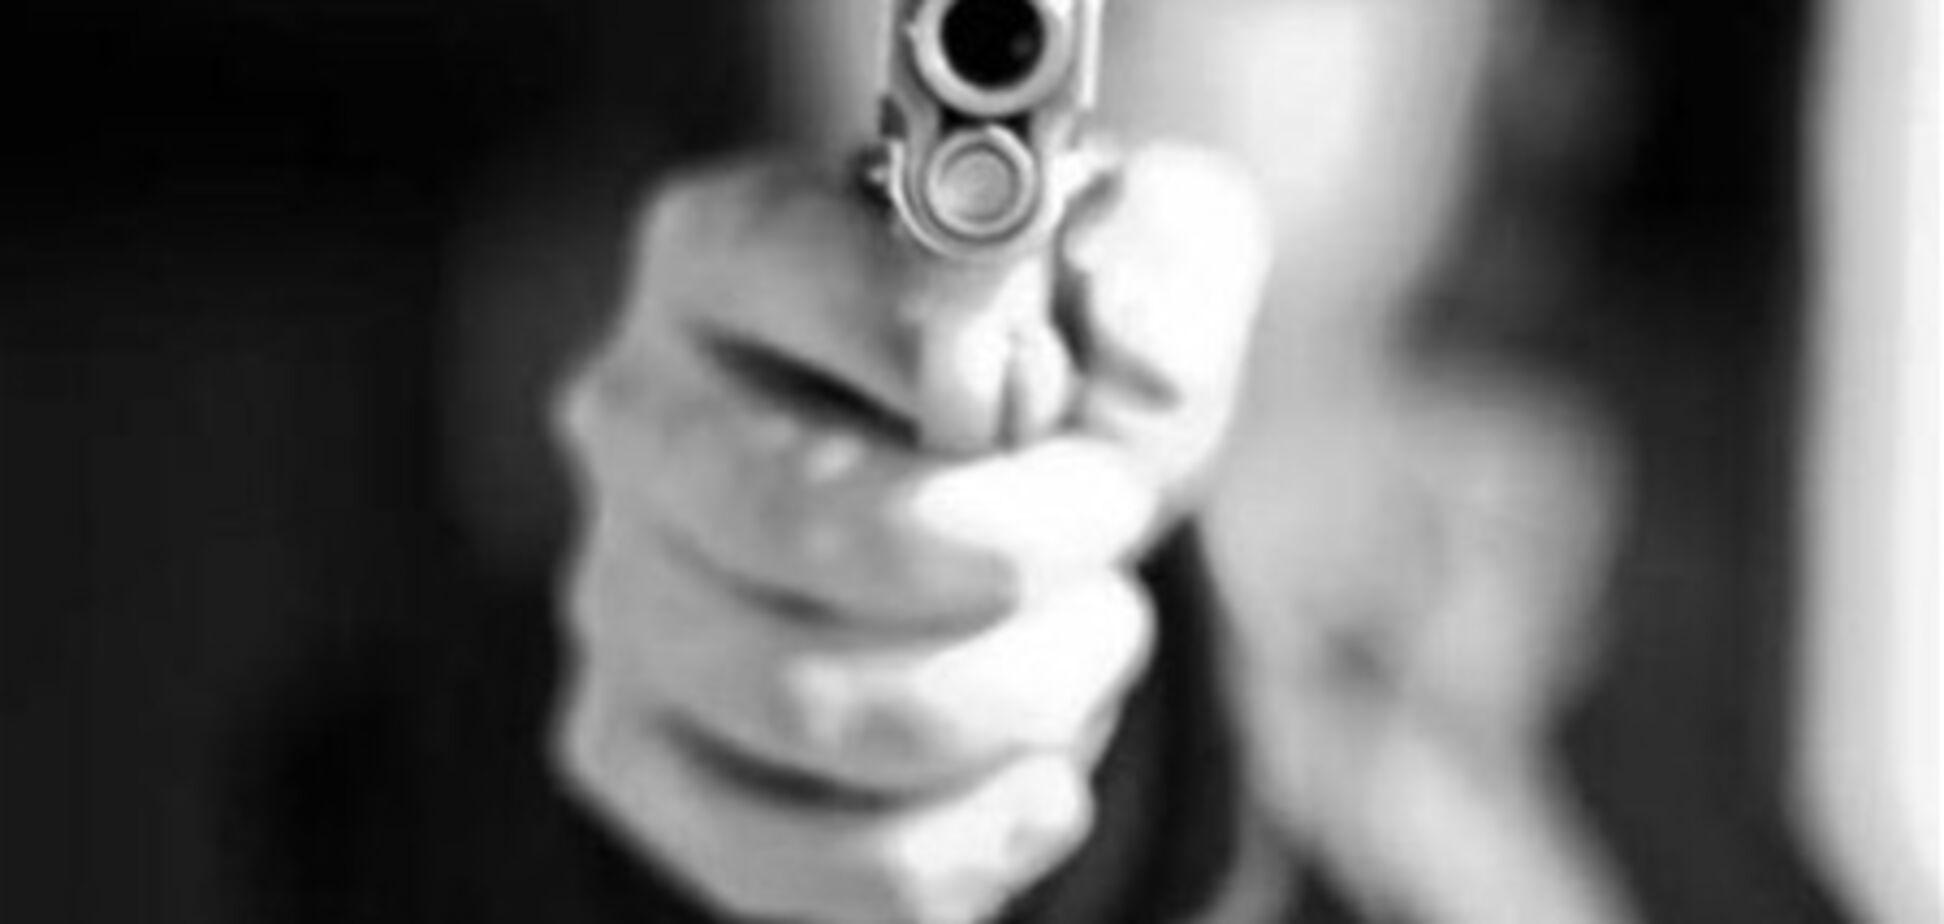 Свободівець погрожував ОВК вогнепальною зброєю